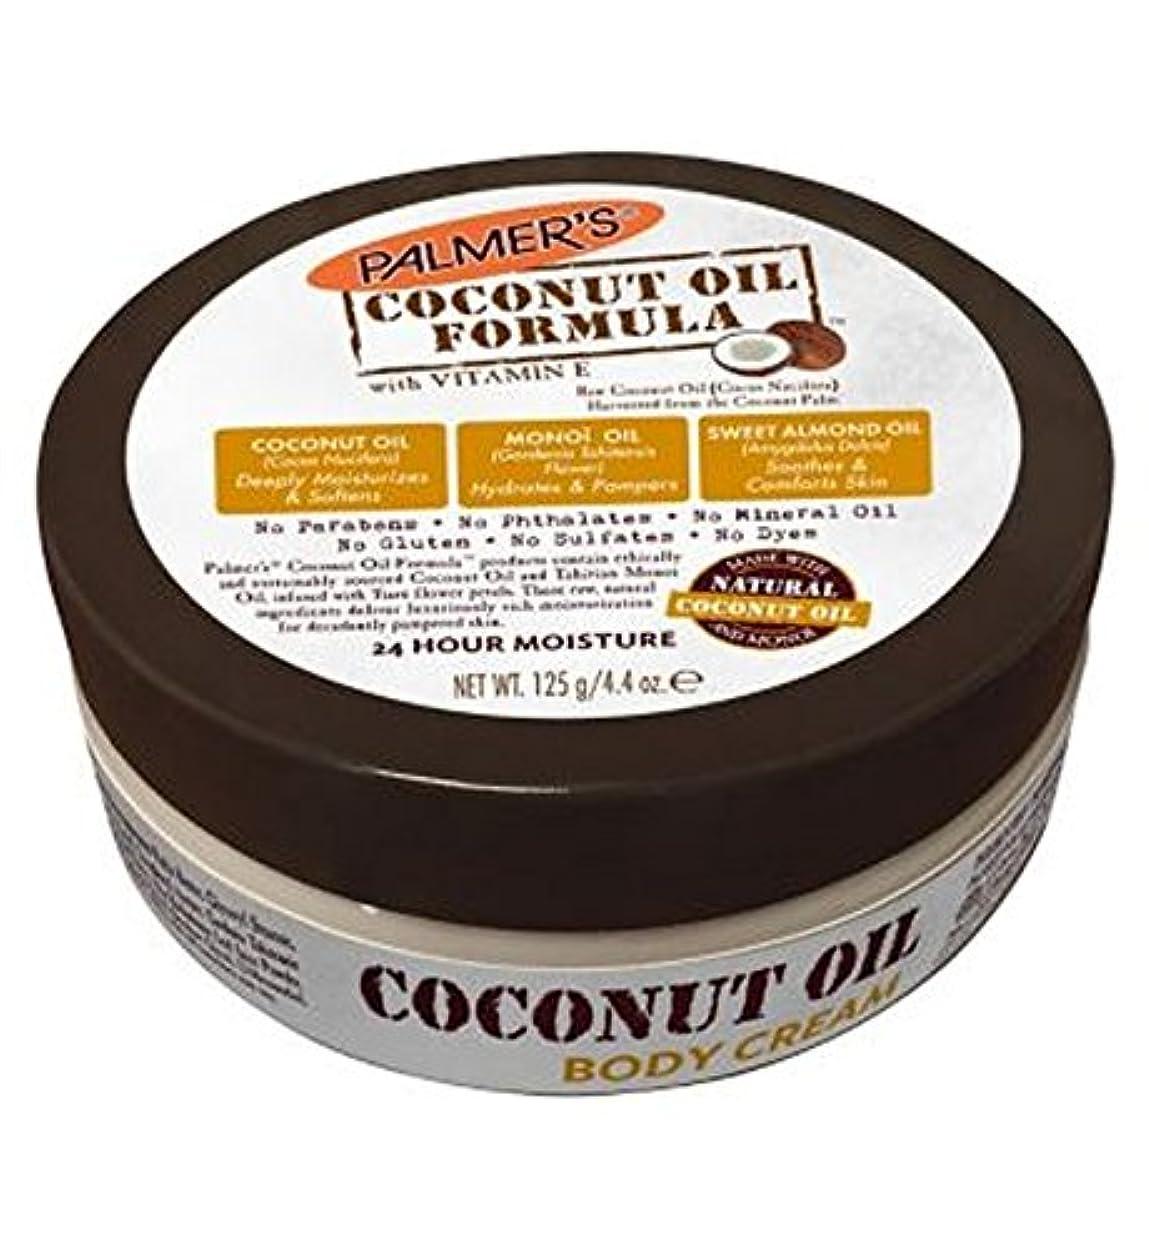 報酬クランシードールパーマーのヤシ油式ボディクリーム125グラム (Palmer's) (x2) - Palmer's Coconut Oil Formula Body Cream 125g (Pack of 2) [並行輸入品]